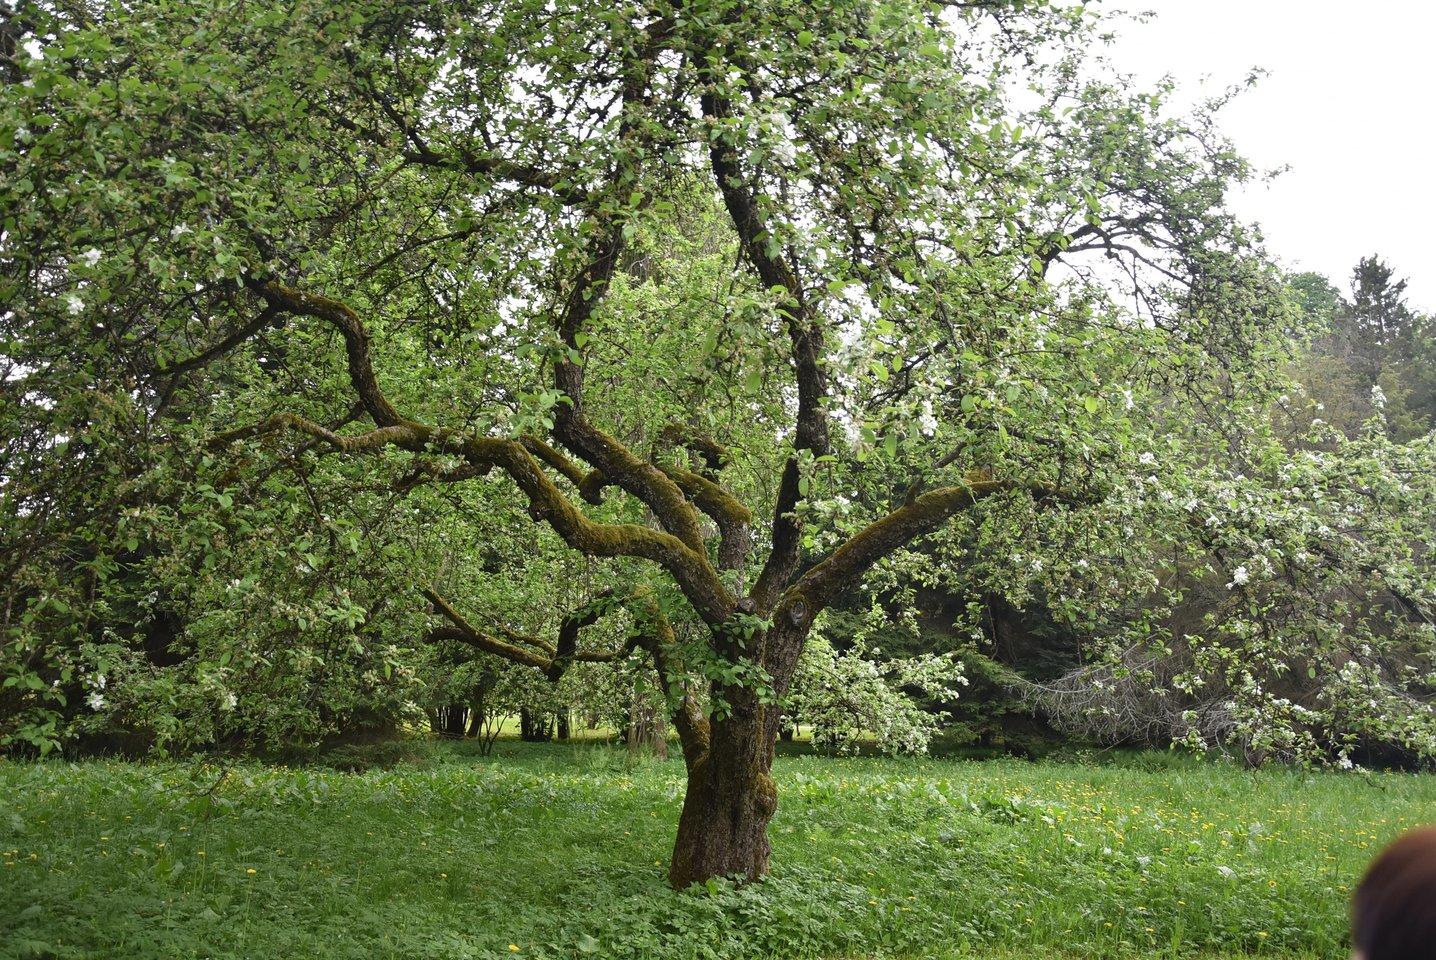 T.Ivanausko sukurtame Obelynės parke, esančiame greta Kauno, auga Beržininkų ananasų veislės obelis, vadinama sodų motinėle.<br>A.Srėbalienės nuotr.